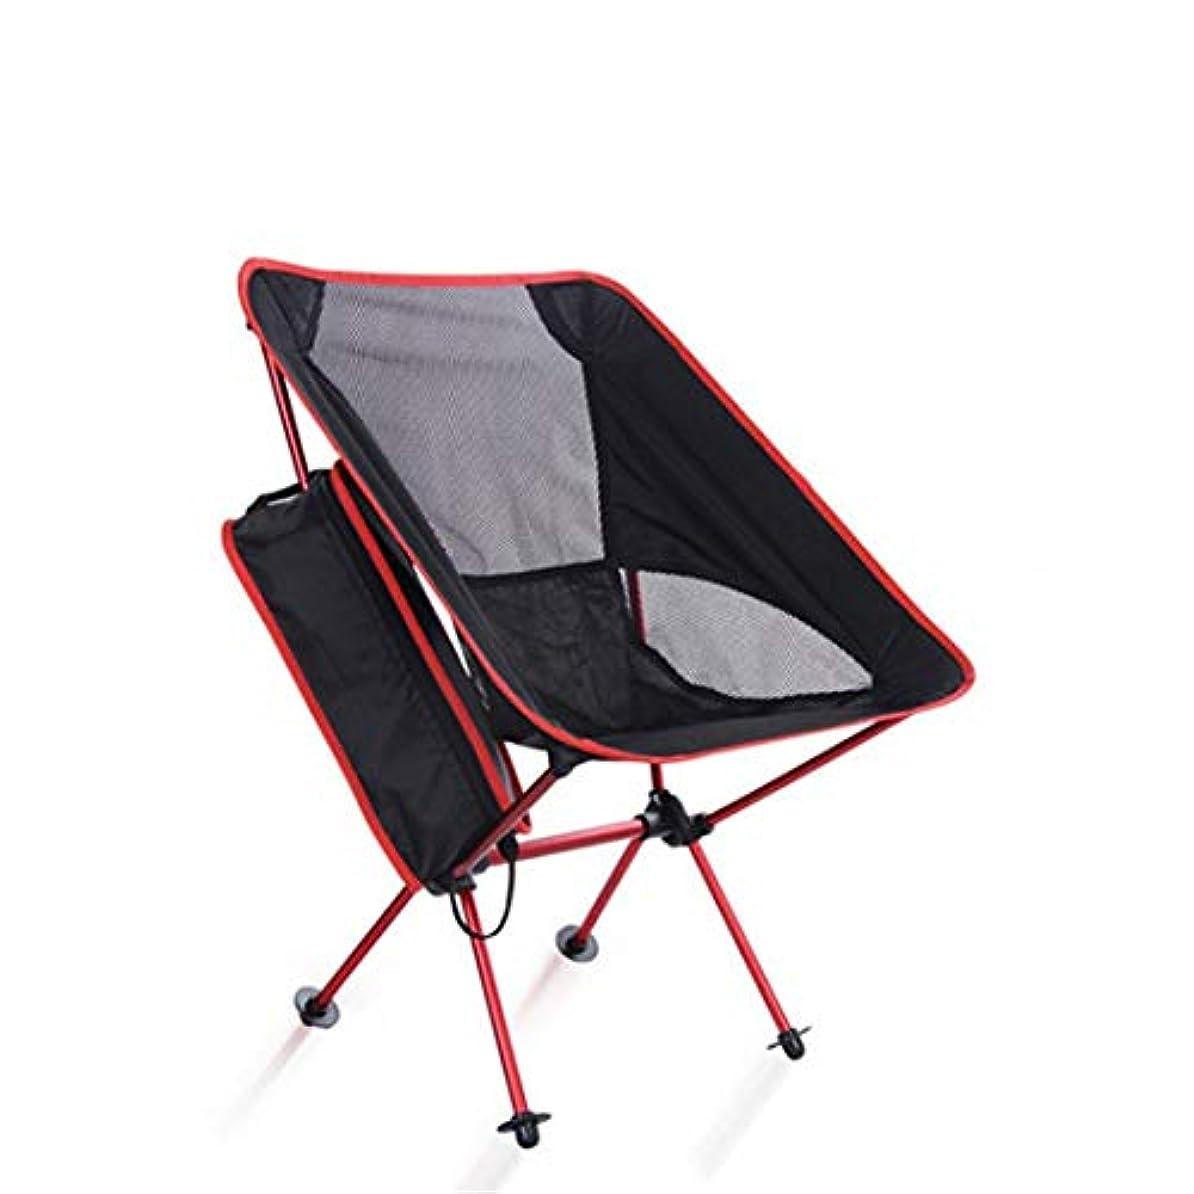 低い分散補償多機能屋外ピクニック釣りアルミオックスフォード折りたたみチェア、赤 (Color : レッド)